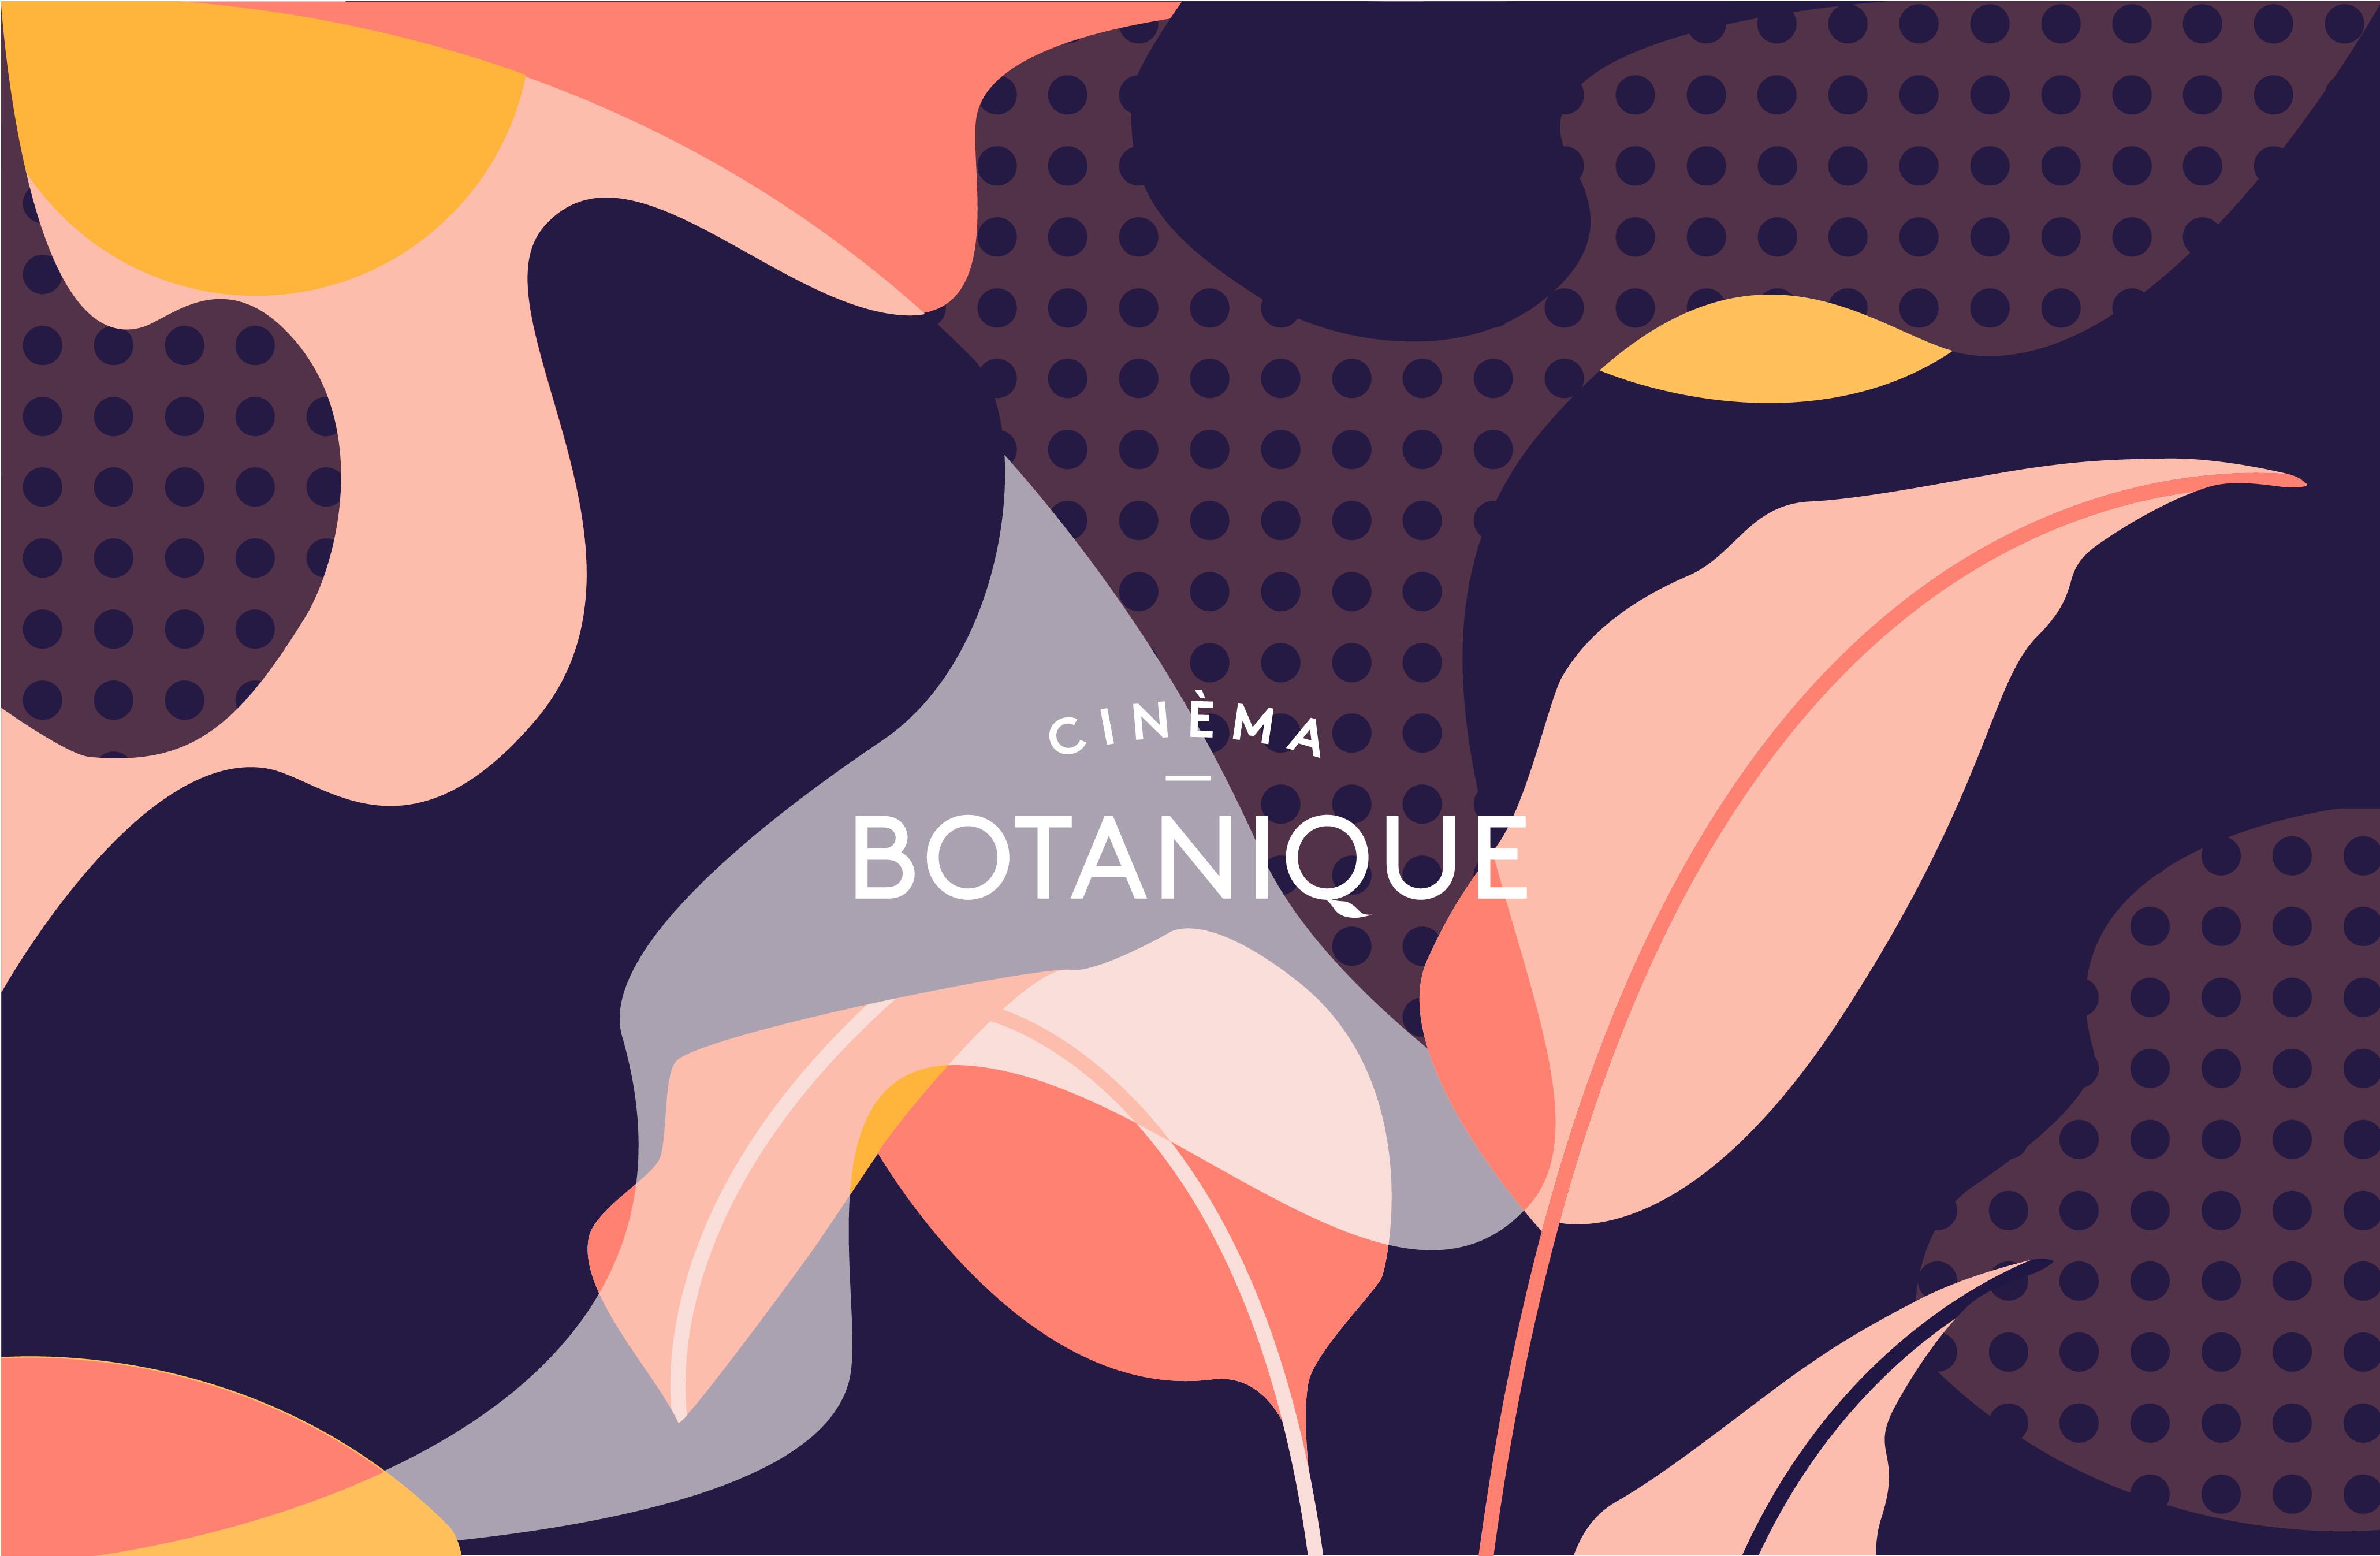 Cinéma Botanique Branding - Cocoskies | Illustration, design & travel blog